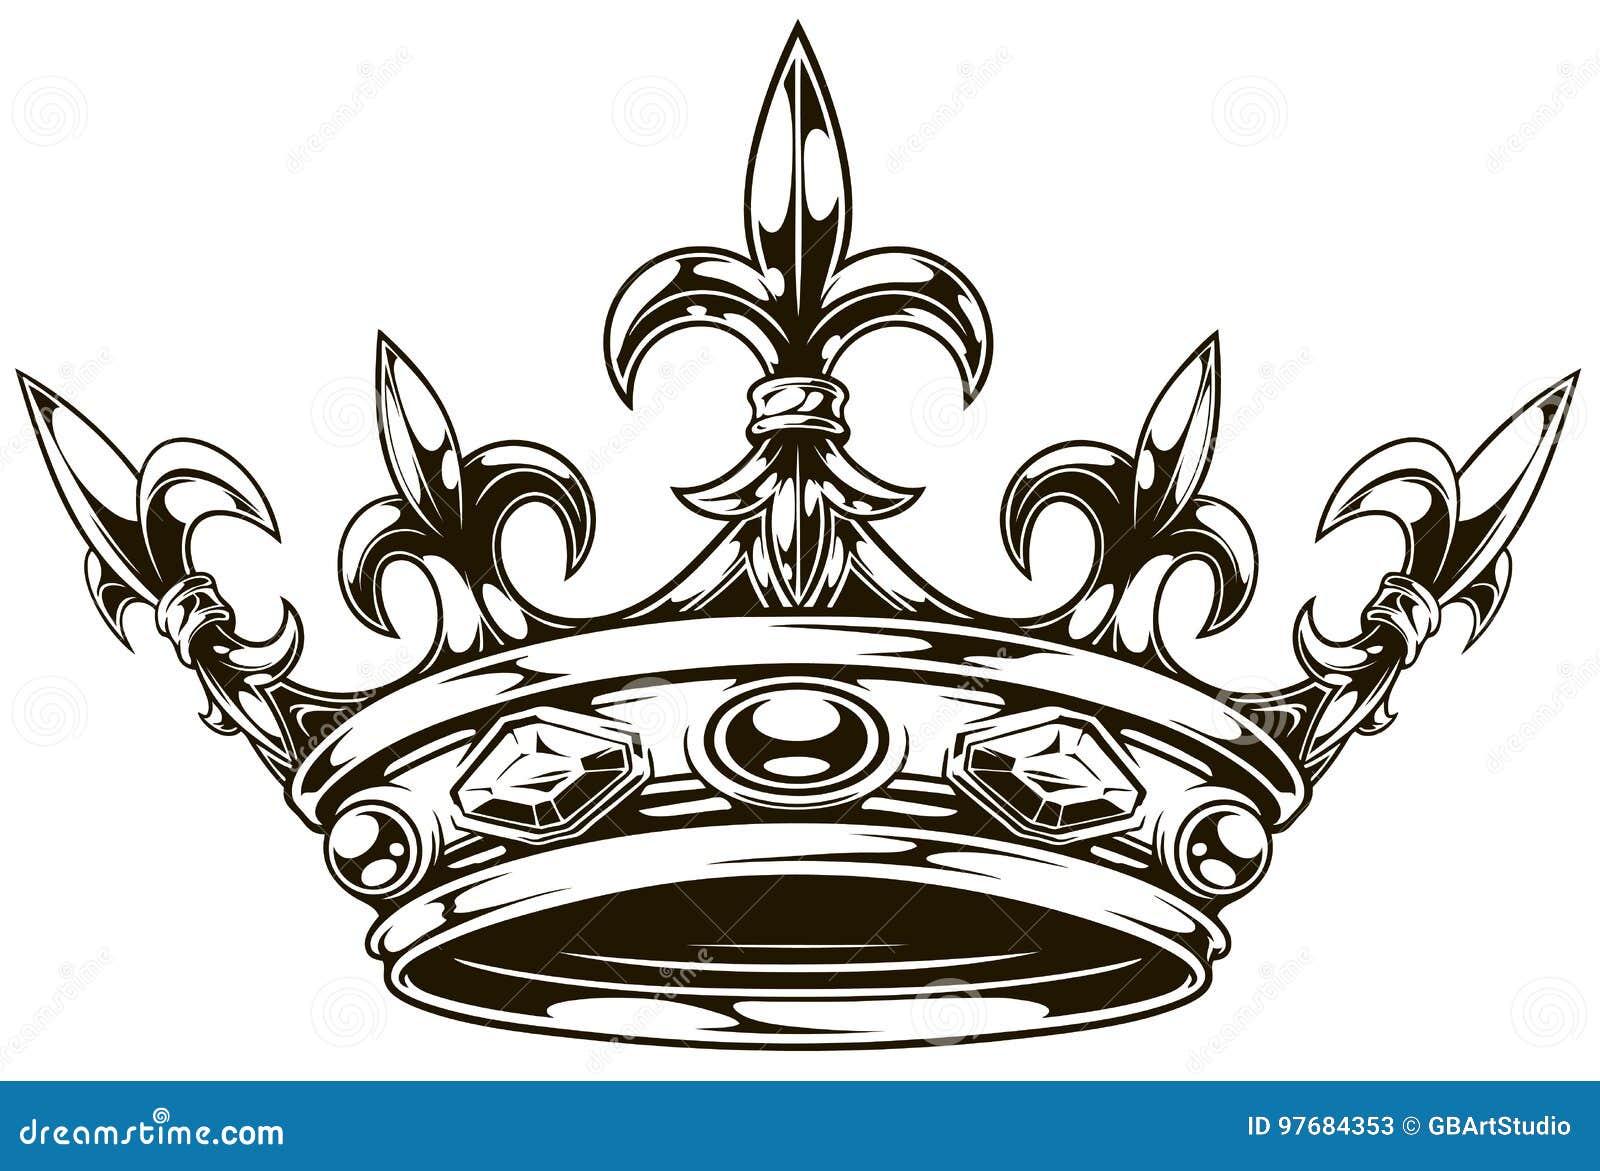 Vecteur noir et blanc graphique de couronne de roi